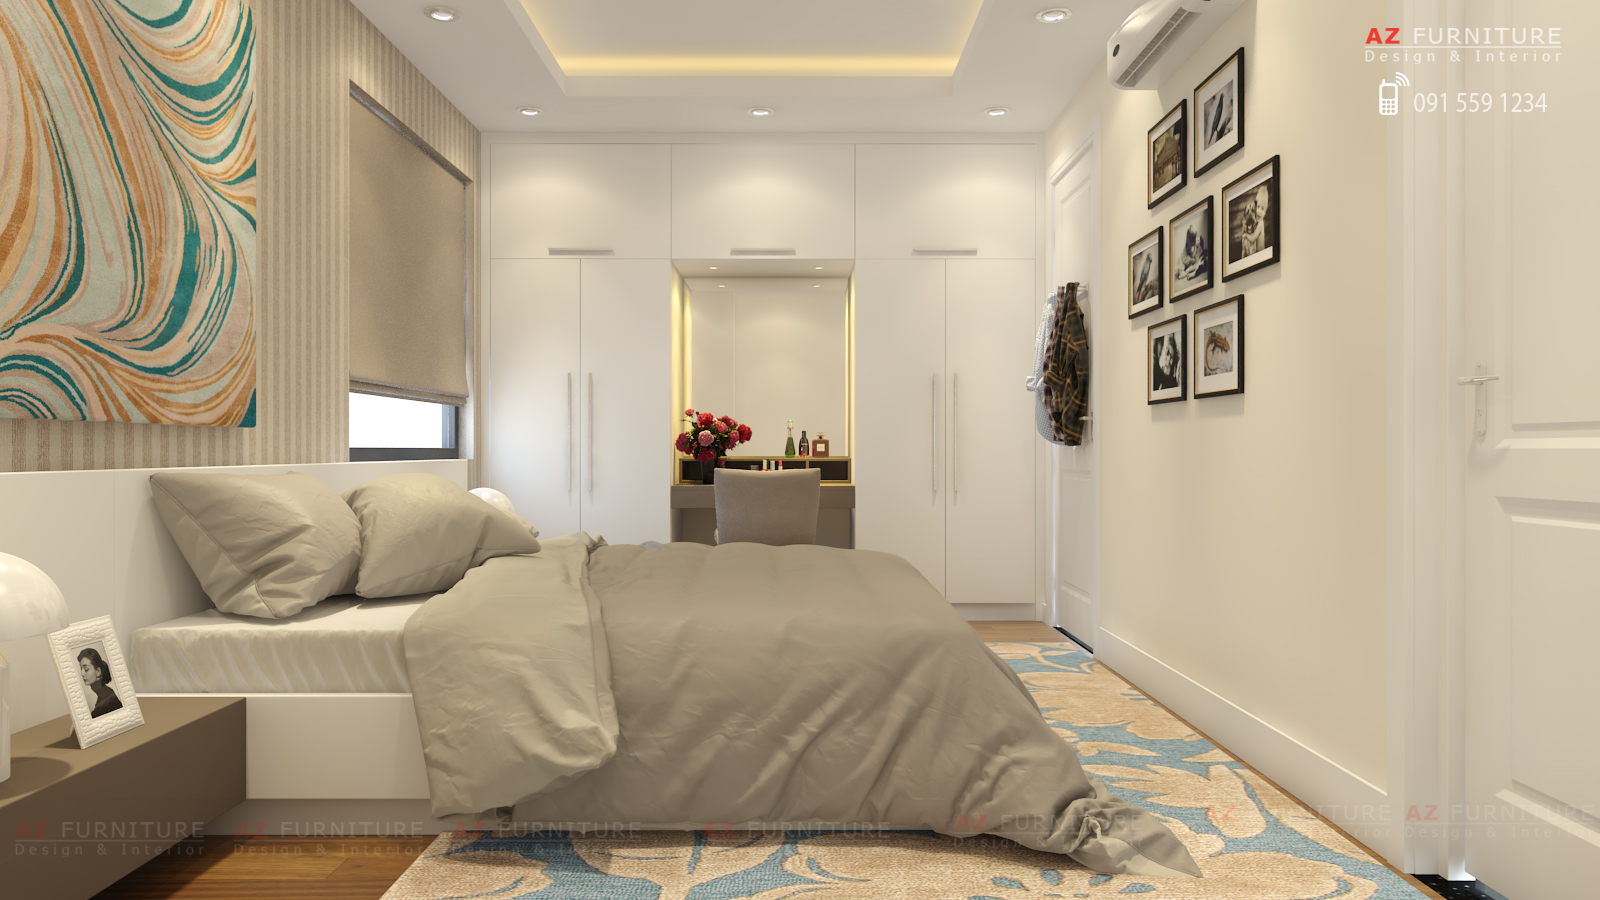 Tư vấn, thiết kế nội thất chung cư hiện đại - Hottline: 091 559 1234